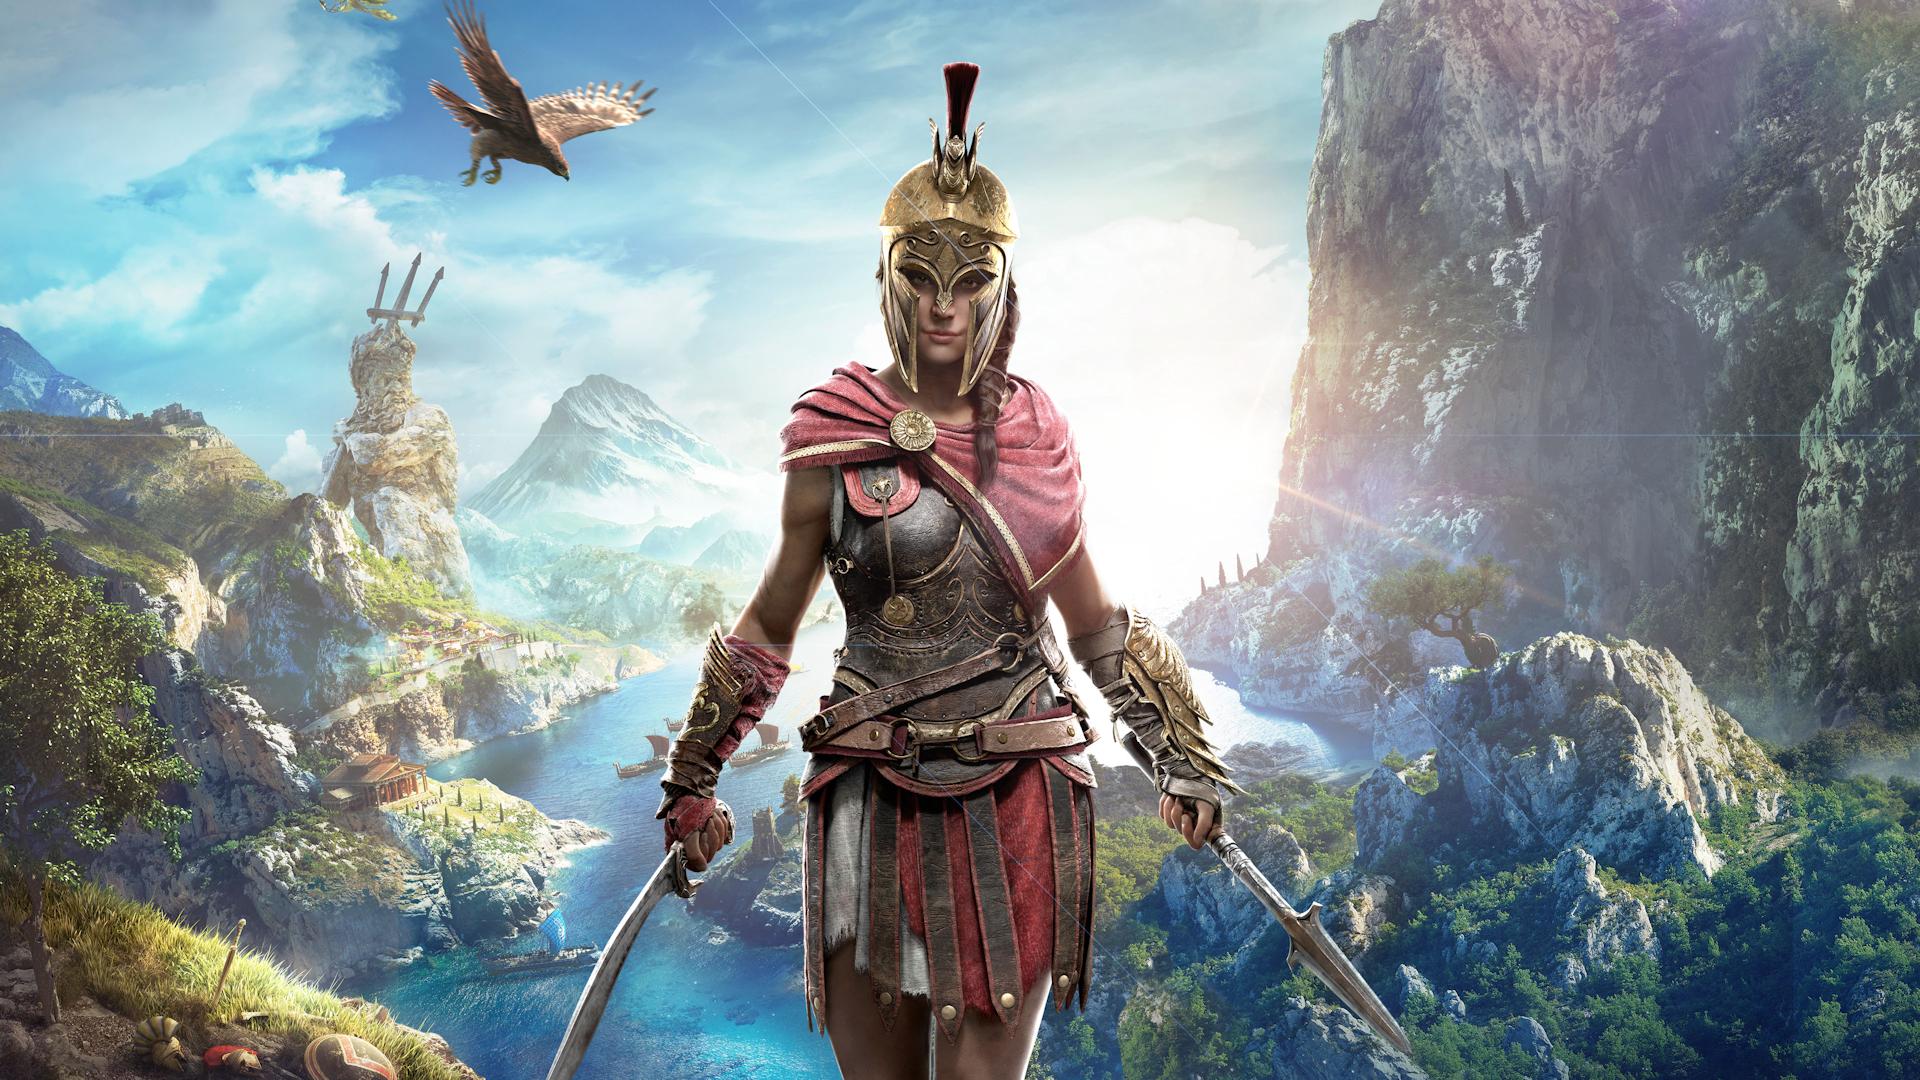 Niedrigste Auflosung Von Assassin S Creed Odyssey Auf Xbox